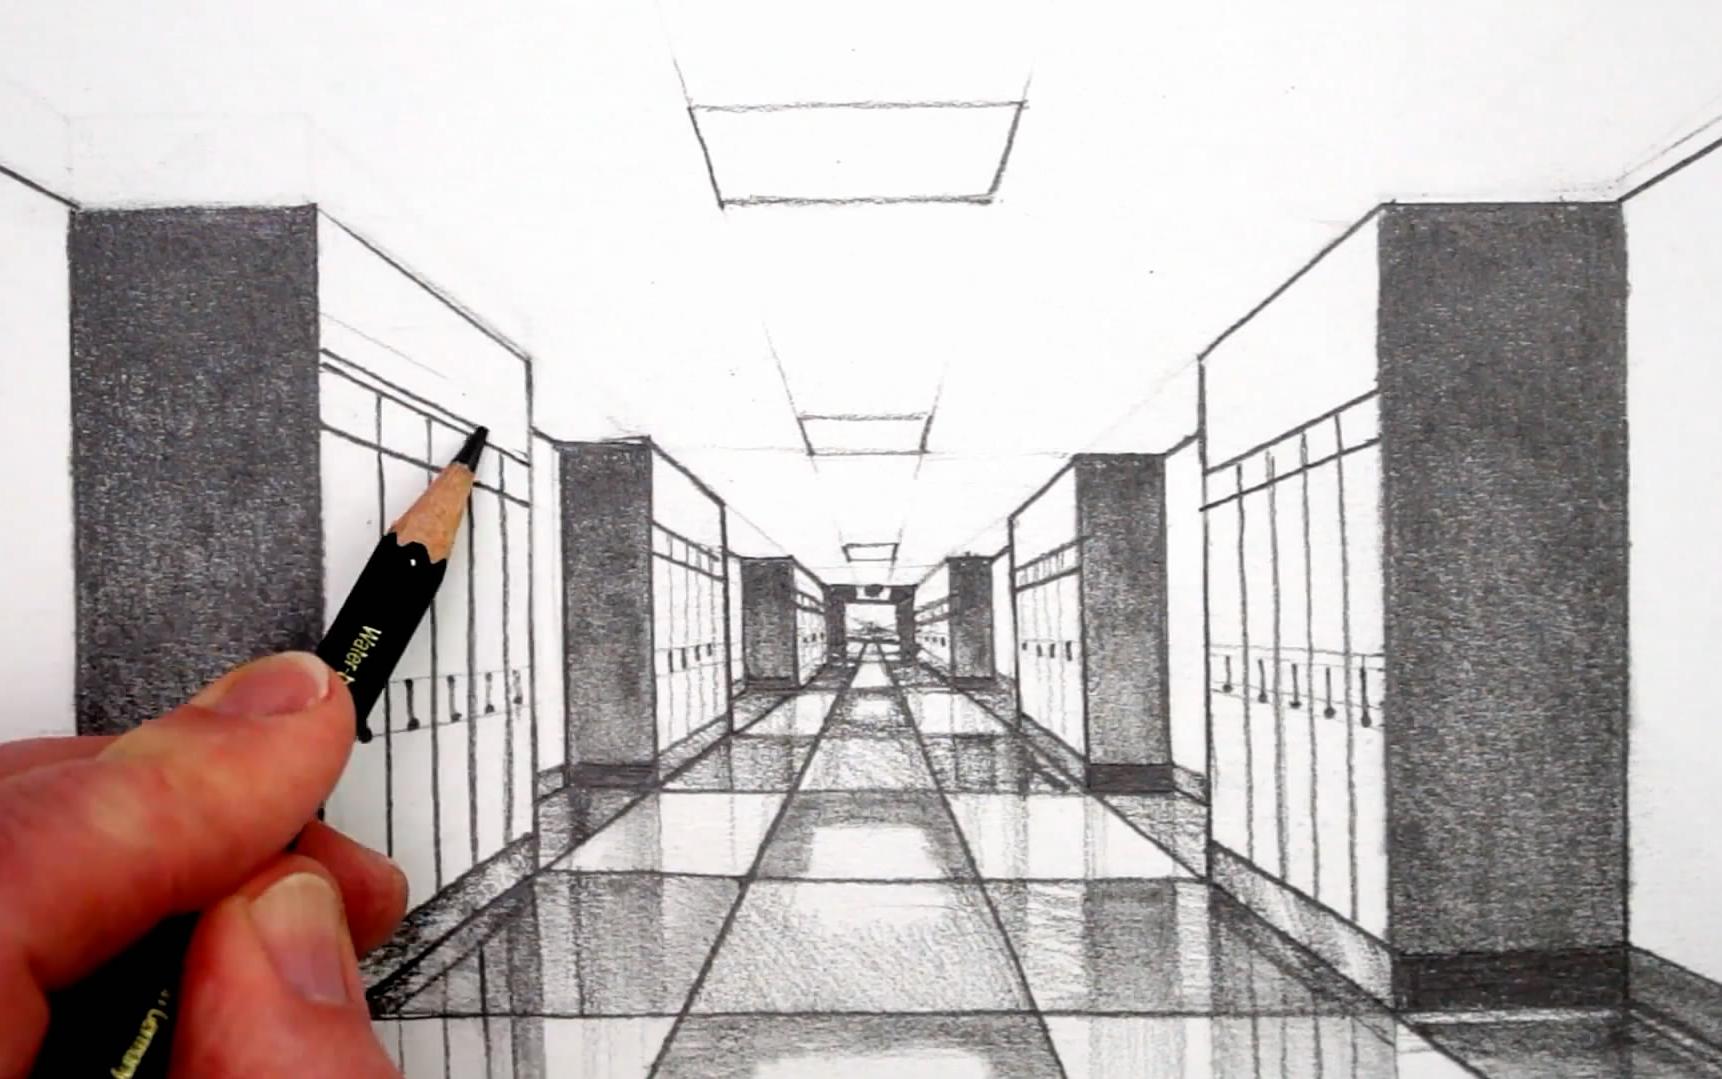 【绘画技巧】1点透视画室内(走廊篇)